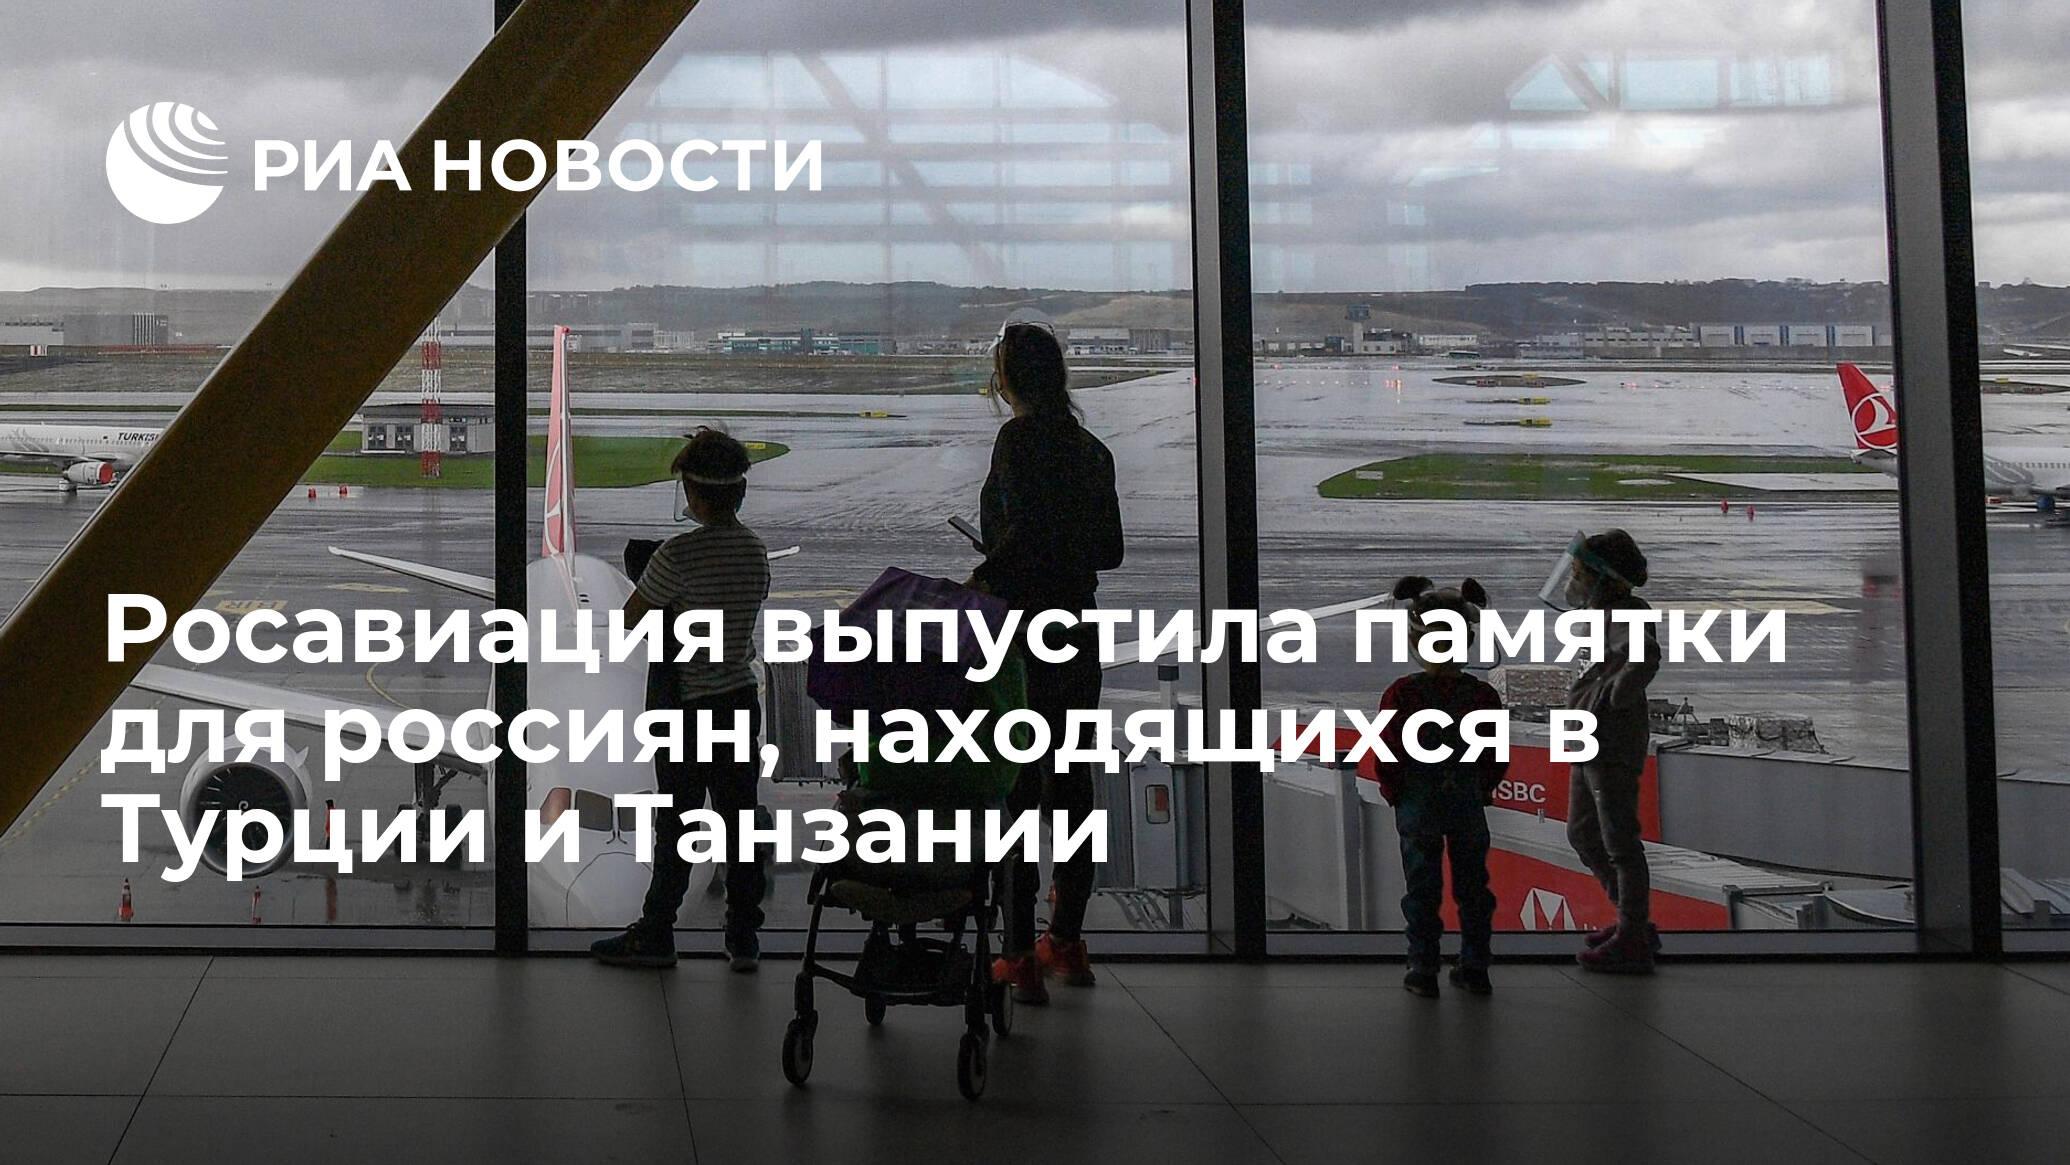 Росавиация выпустила памятки для россиян, находящихся в Турции и Танзании